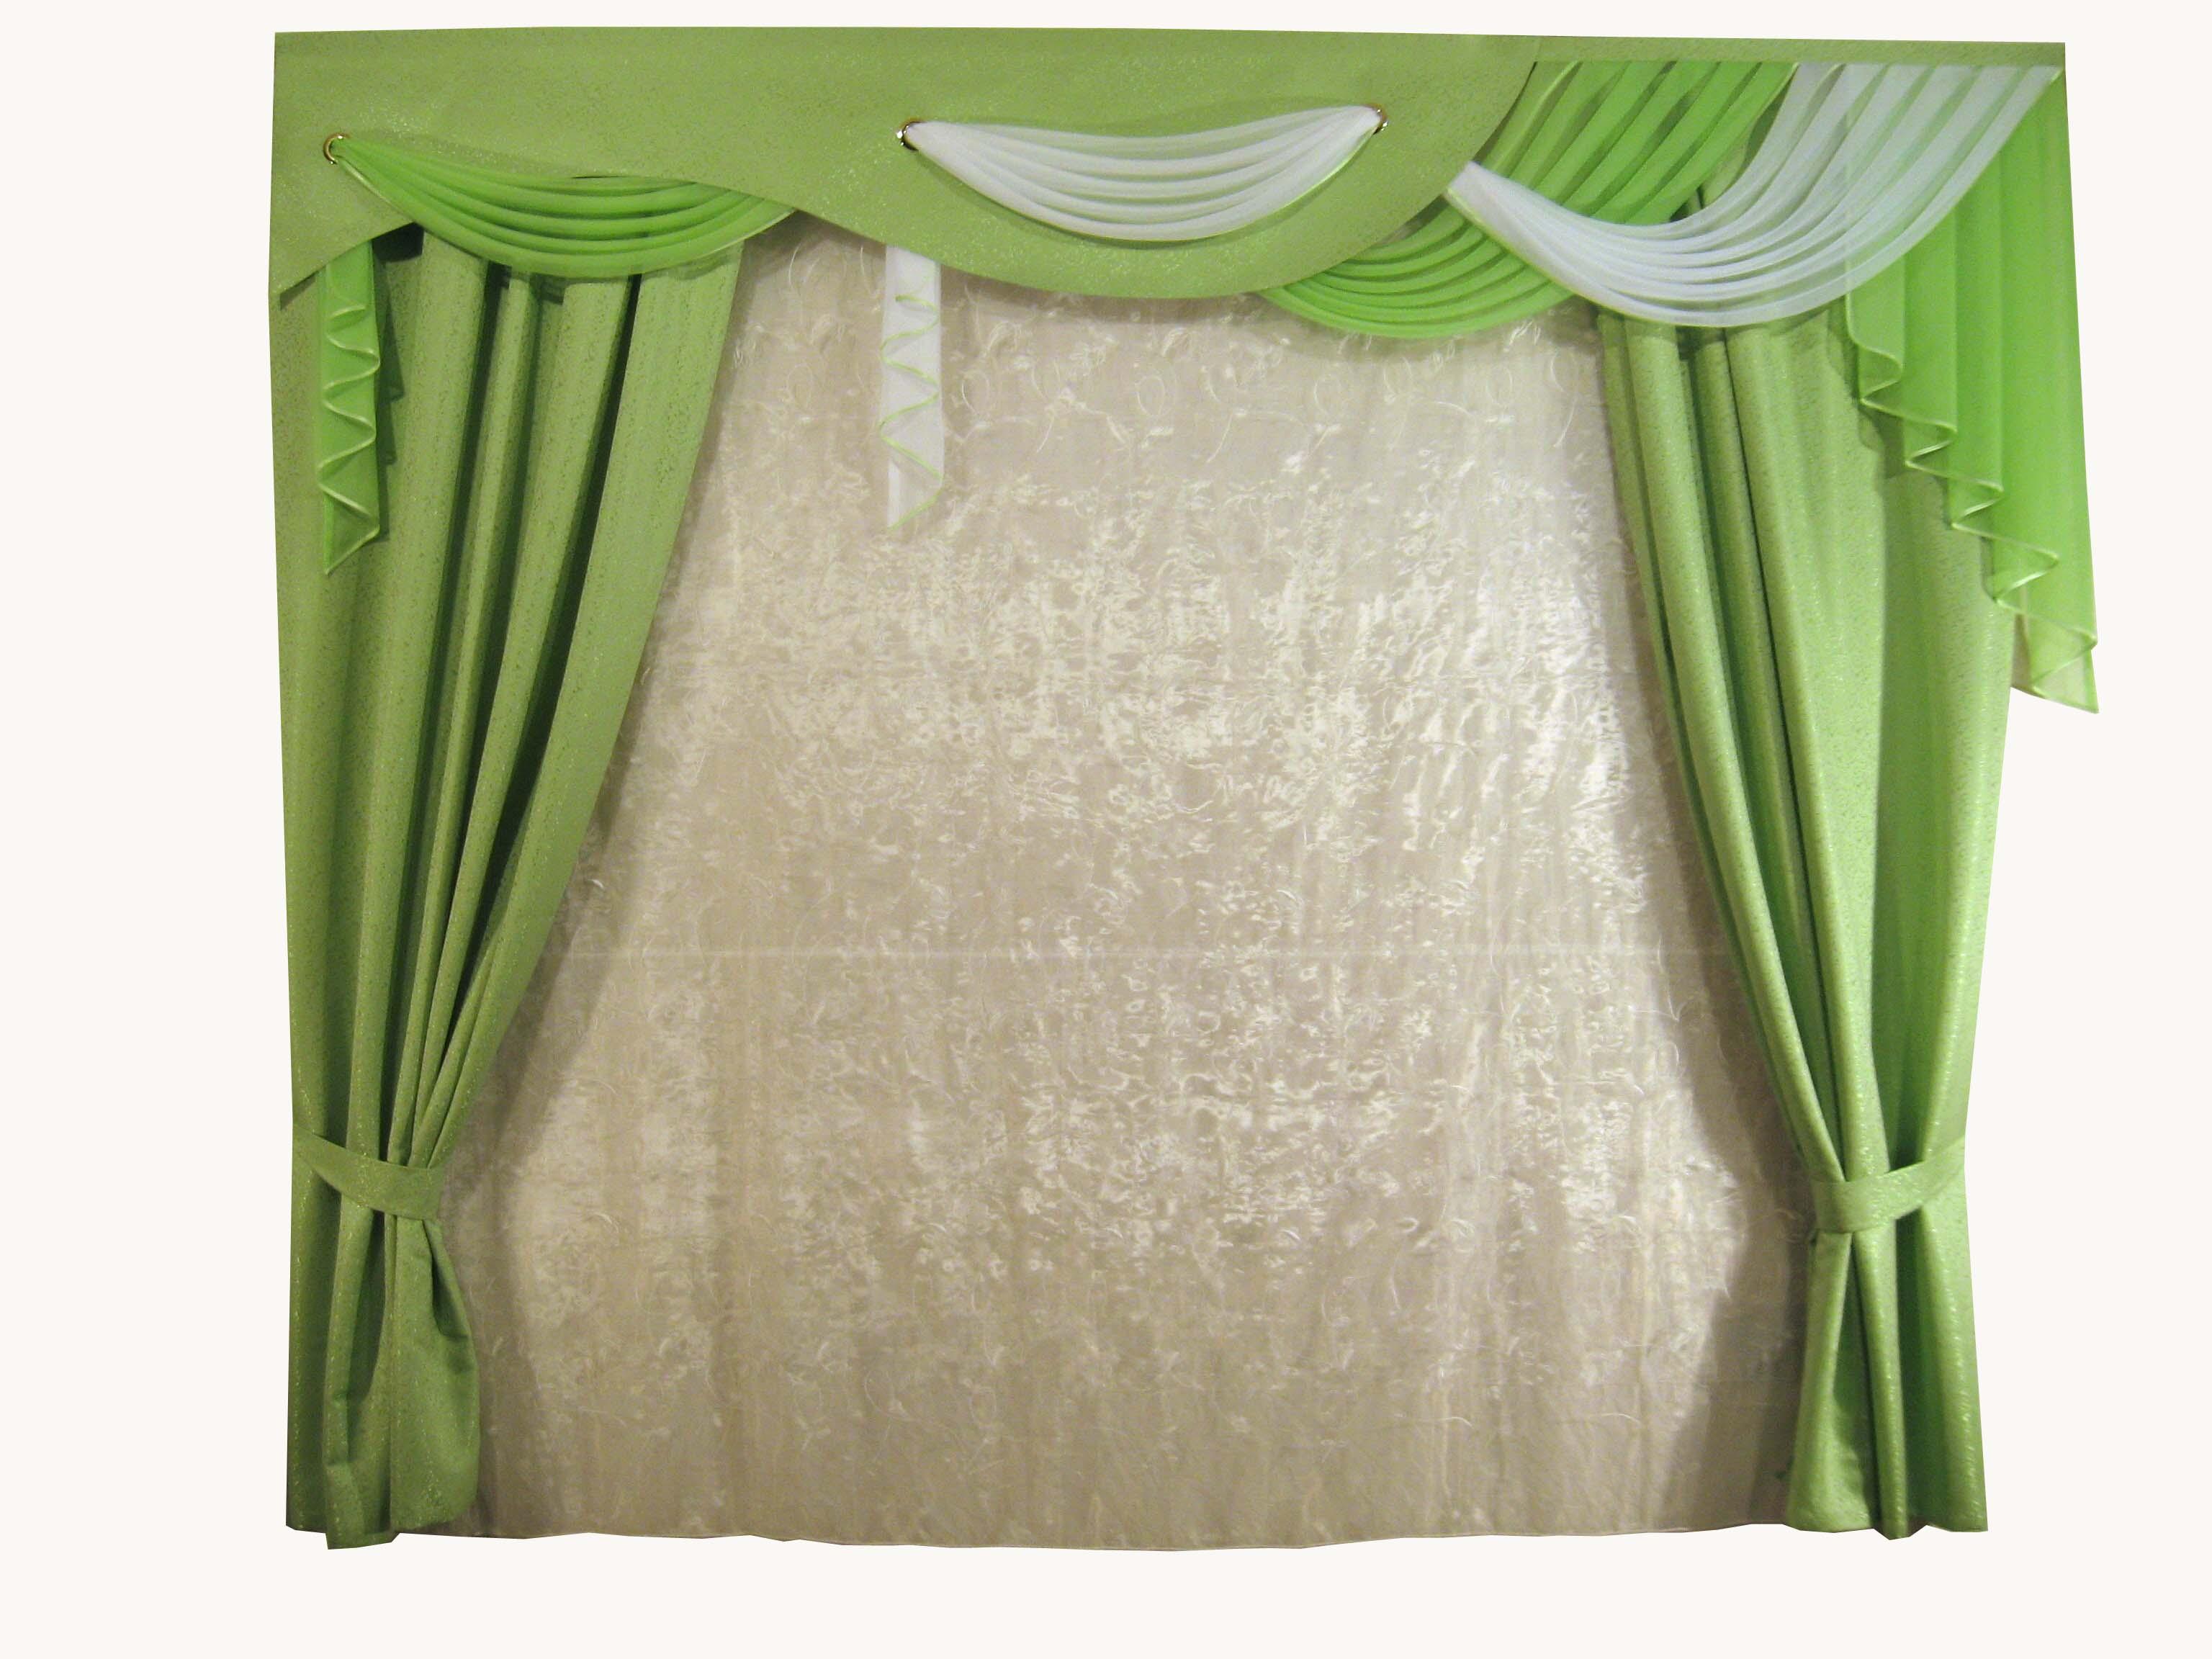 Шторы для комнатыДля комнаты<br>Великолепный вуалевый комплект, который украсит спальню, гостиную, детскую комнату. Эти готовые шторы, подойдут к любому интерьеру.   Рекомендуемая ширина карниза 300*250 см  Цвет: белый, зеленый Тюль белый прозрачный<br><br>По стилю: Классические шторы<br>По материалу: Вуаль<br>По рисунку: Цветные<br>По способу крепления: С ламбрекеном,С подвязами<br>Карниз: Двухрядный<br>Размеры: До пола<br>Размер: 3.0*2.5<br>Материал: 100% полиэстер<br>Количество в наличии: 1